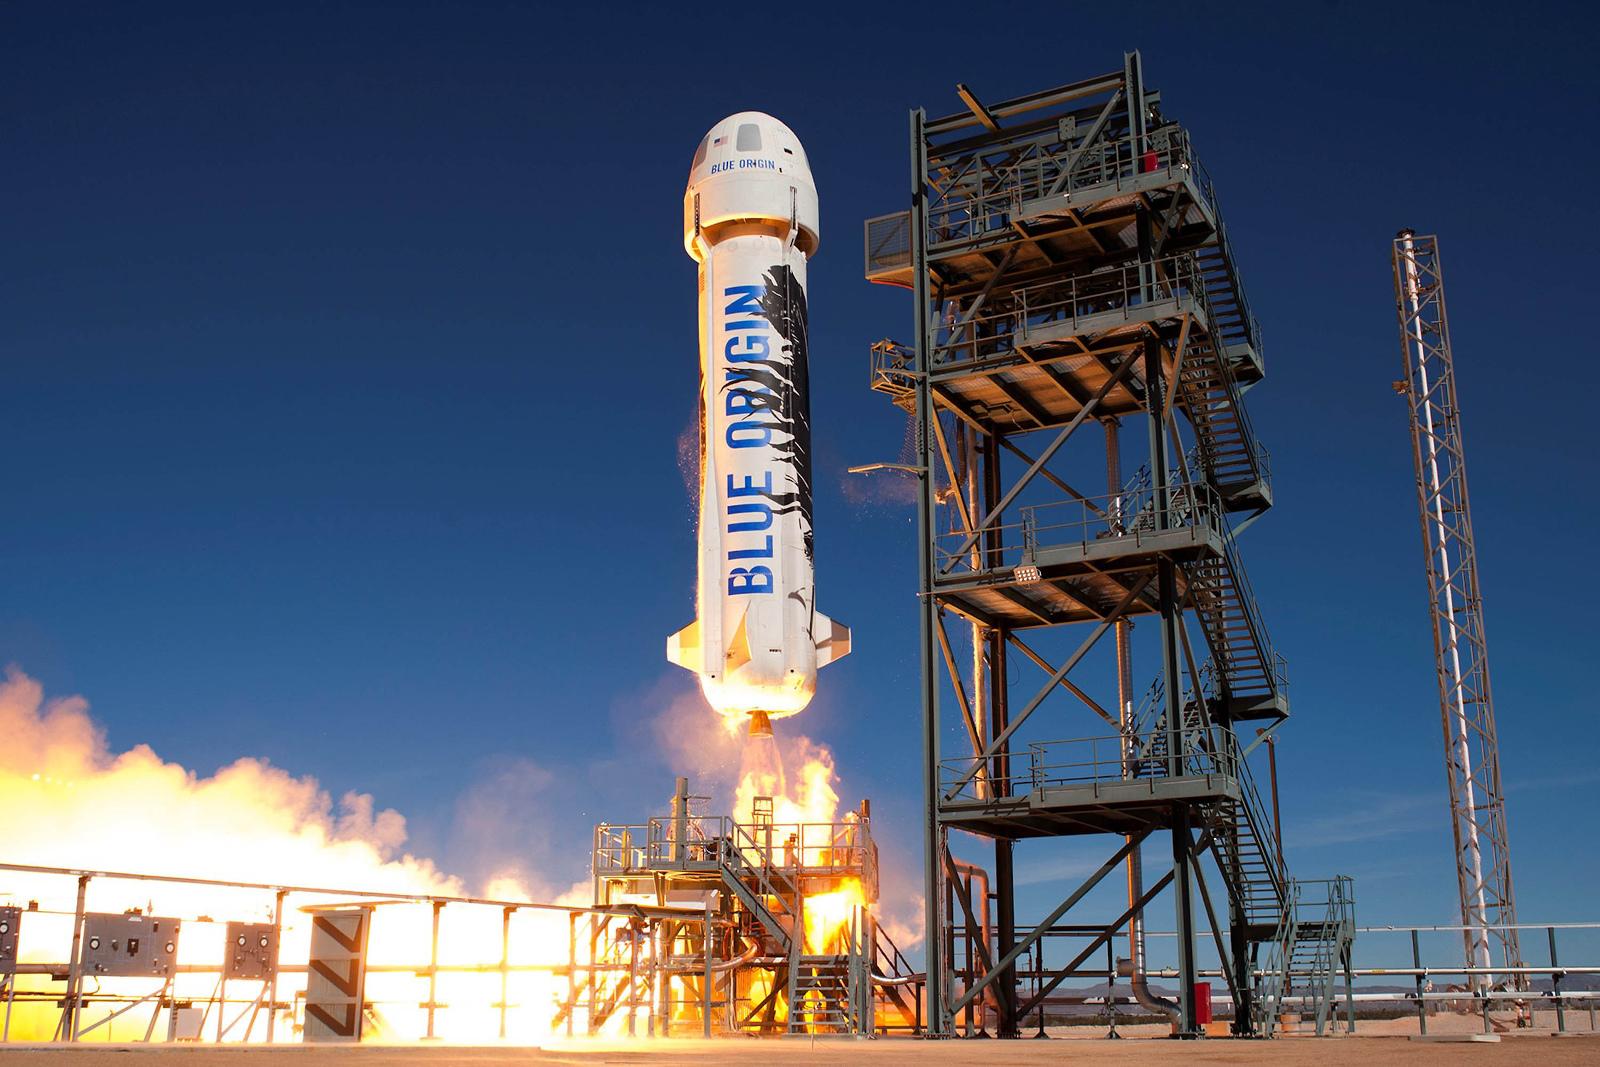 Blue Origin's 15th New Shepard test flight serves as an astronaut rehearsal | Engadget